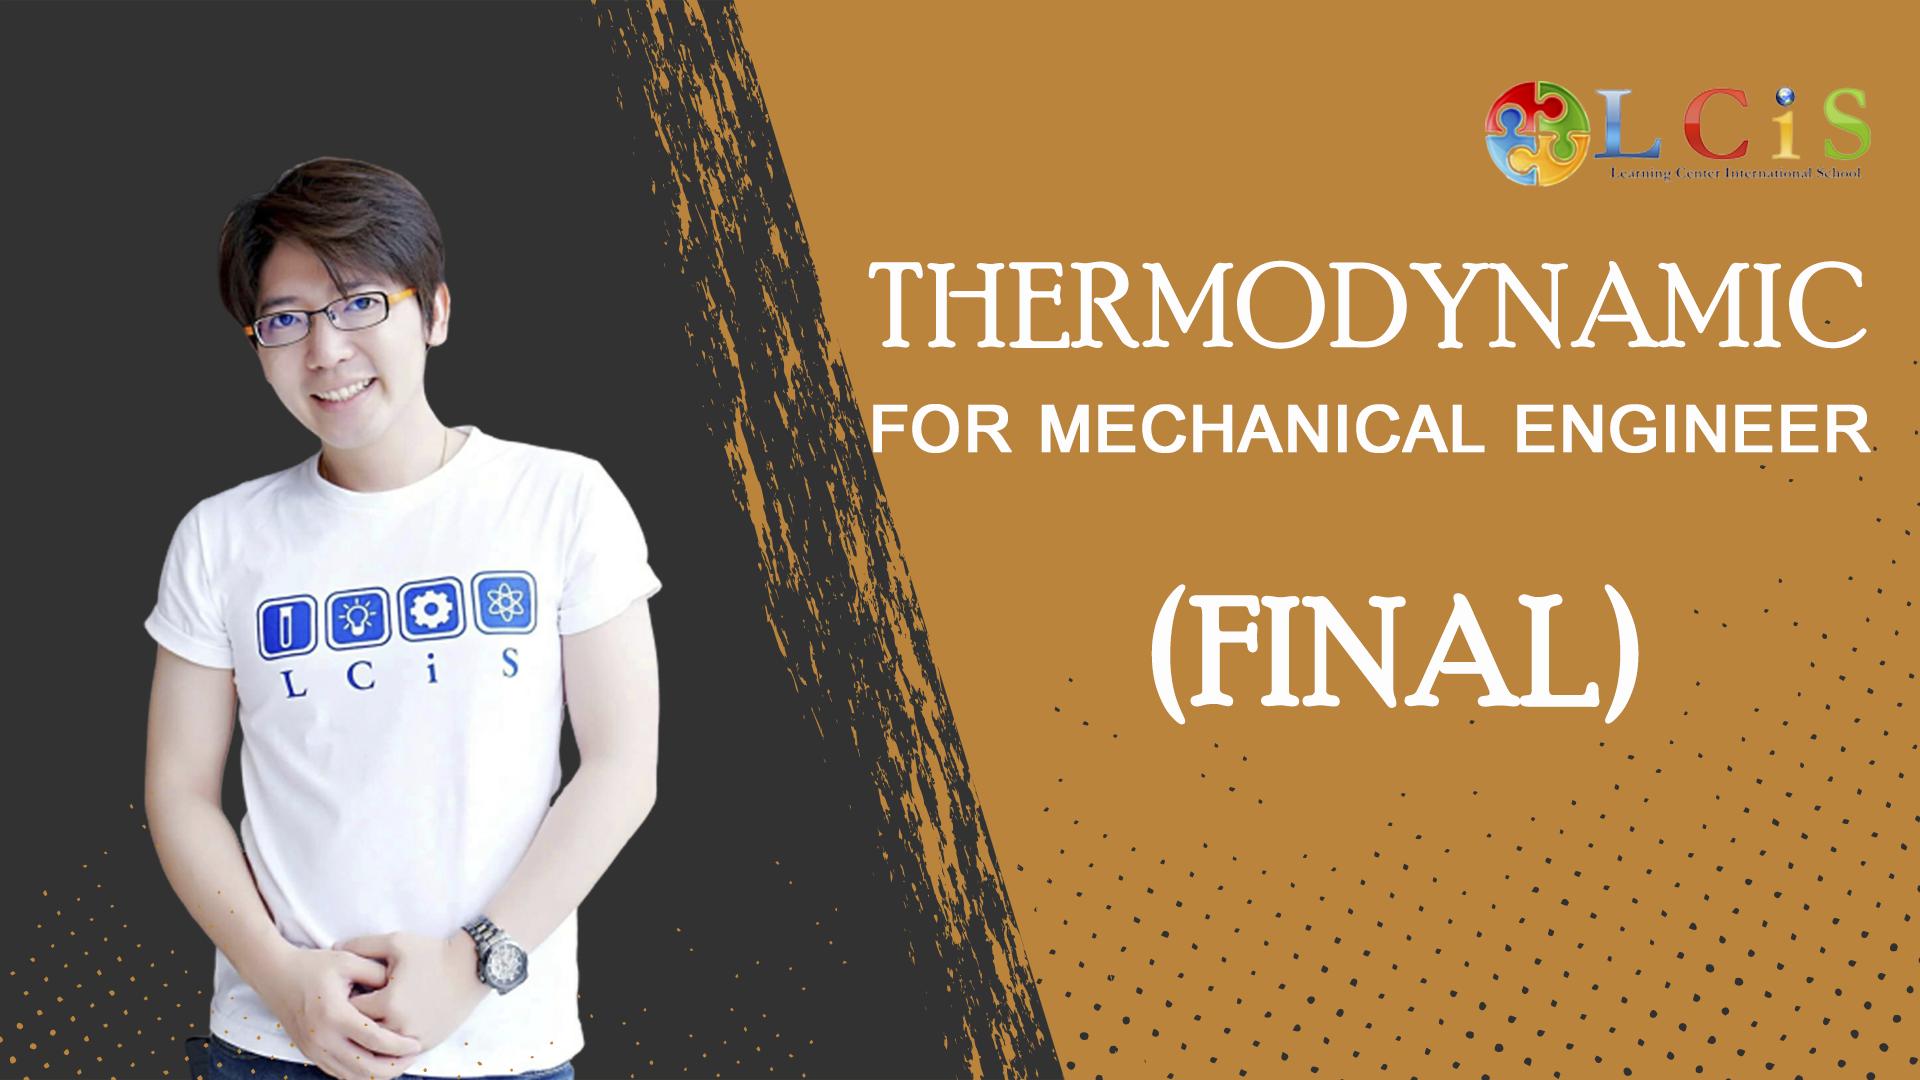 Thermodynamic (ME) Final